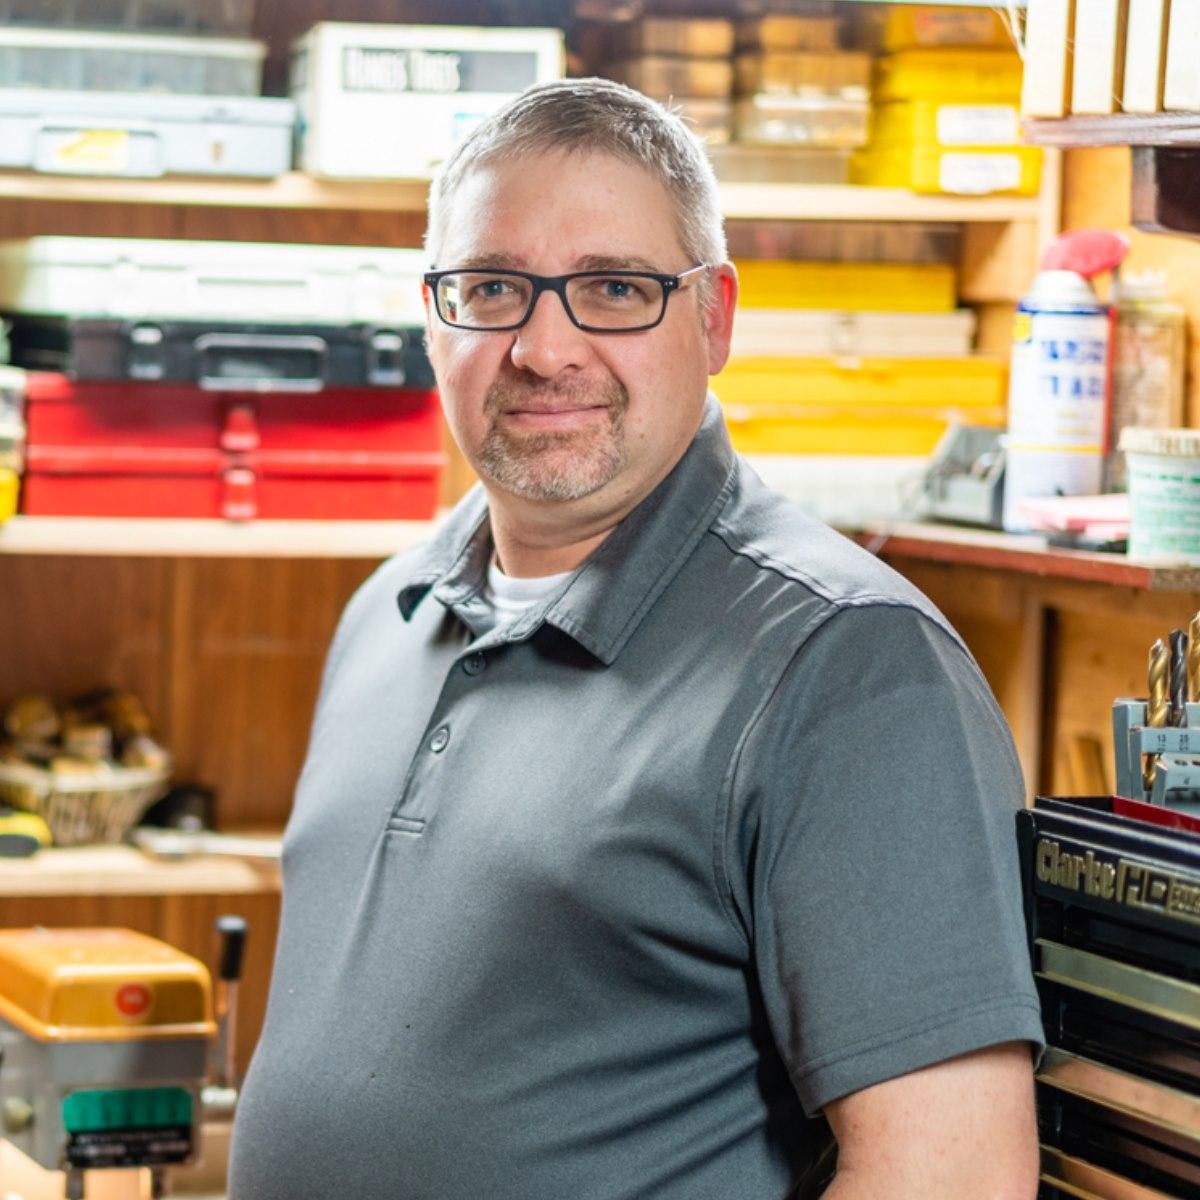 Jason Spencer, Owner